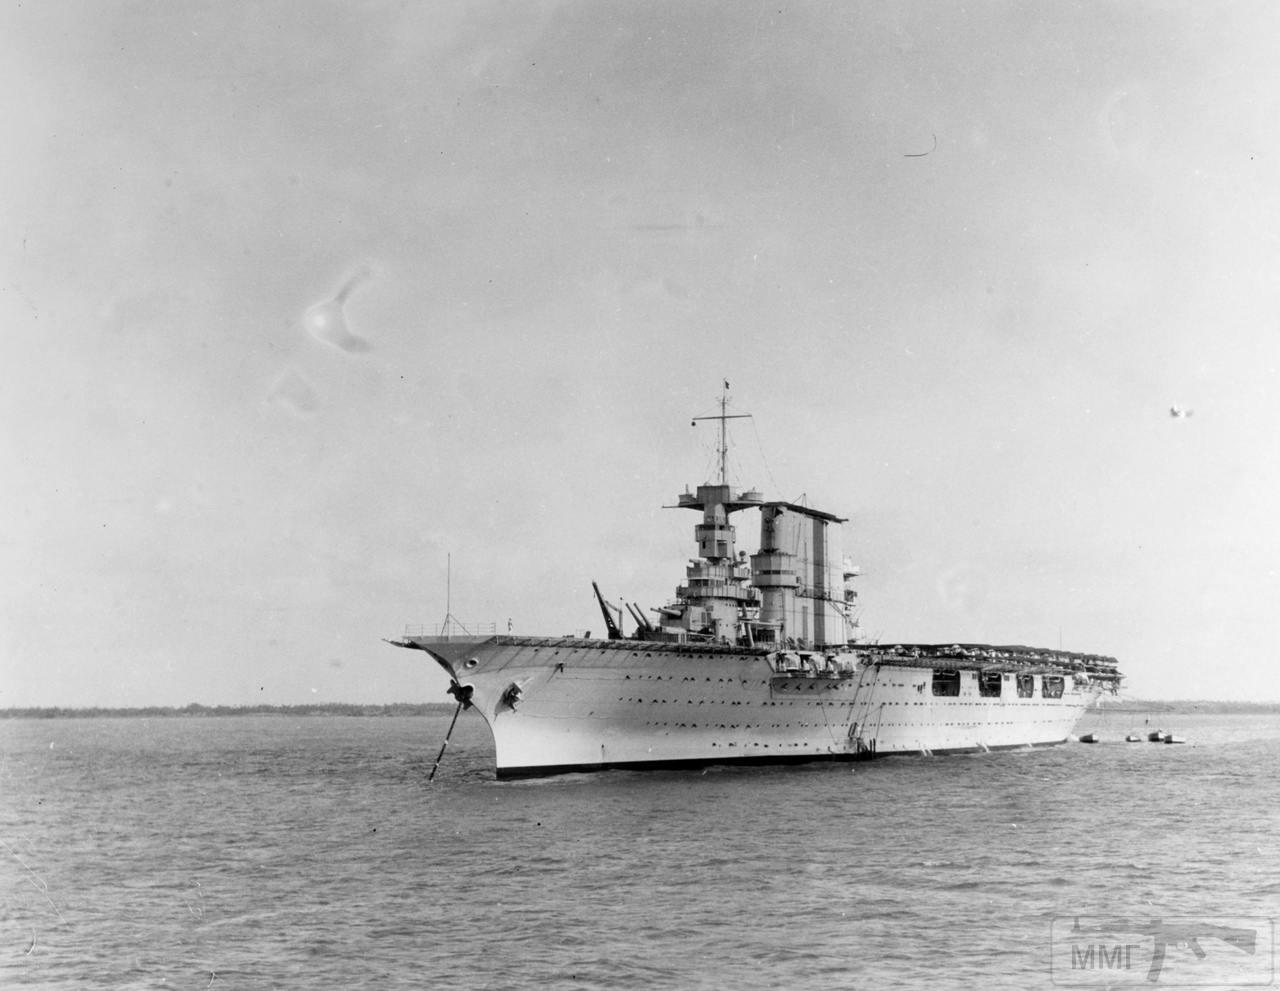 64892 - USS Saratoga (CV-3)